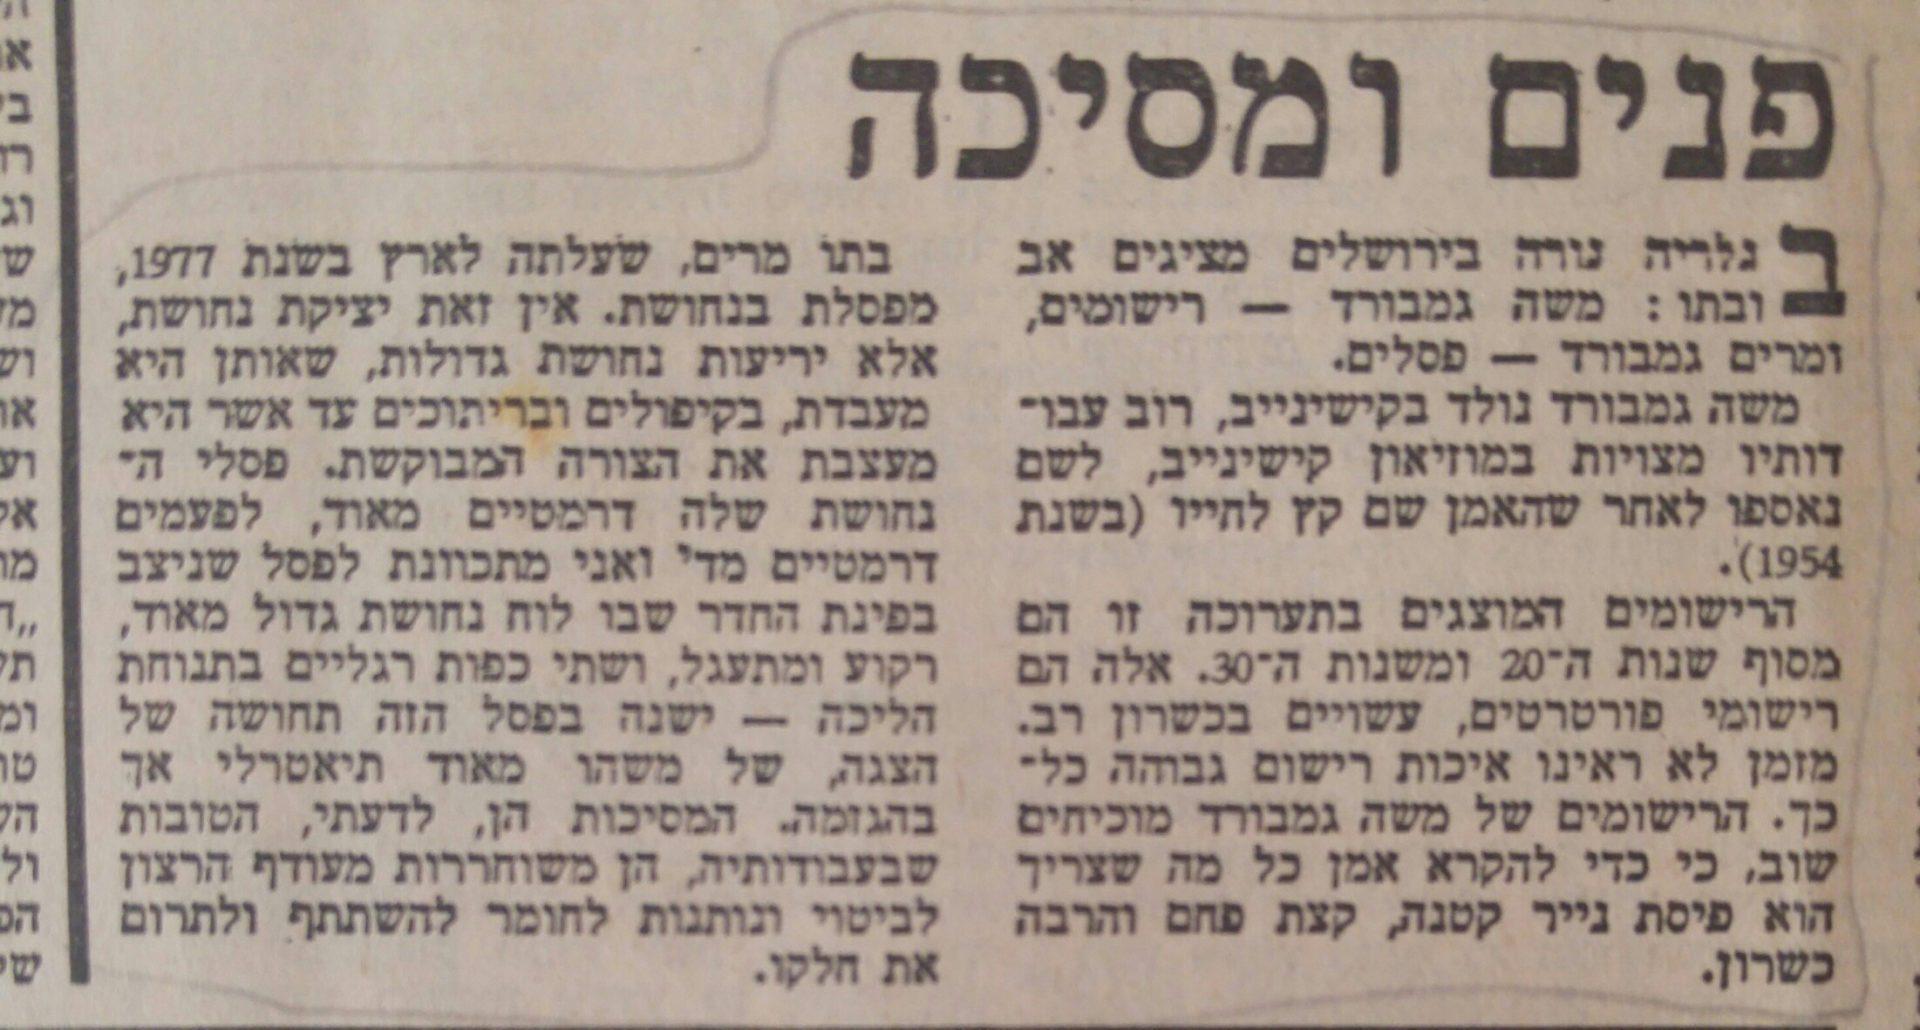 """פנים ומסכה הקטע מהמאמר של רחל עזוז, עיתון """"מעריב"""", 14.12.1984"""